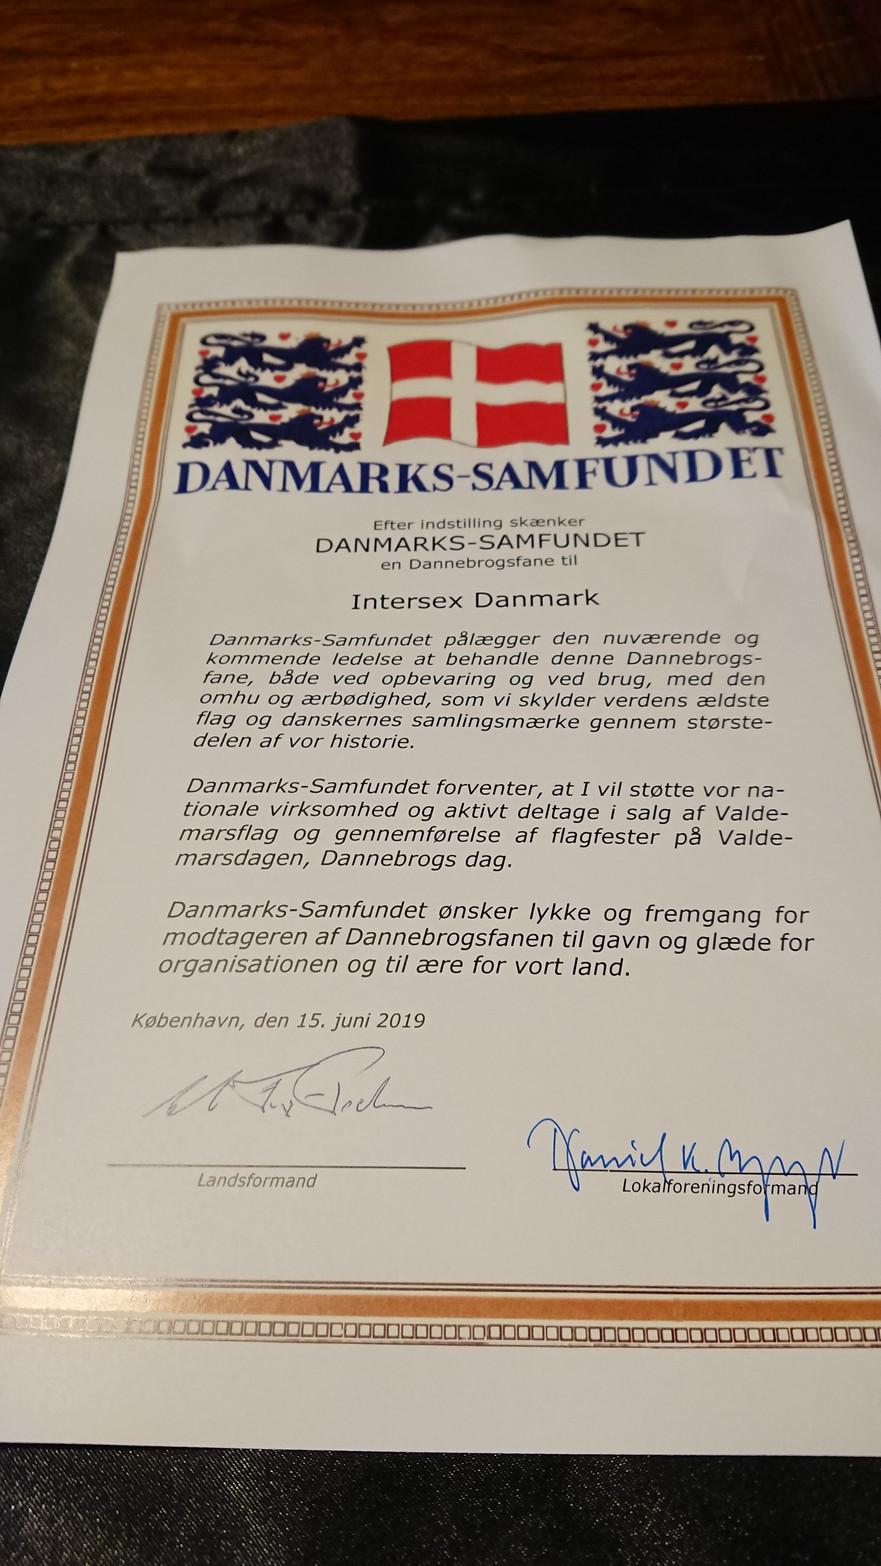 15. Juni. 2019: Valdemarsdag Fanemarch